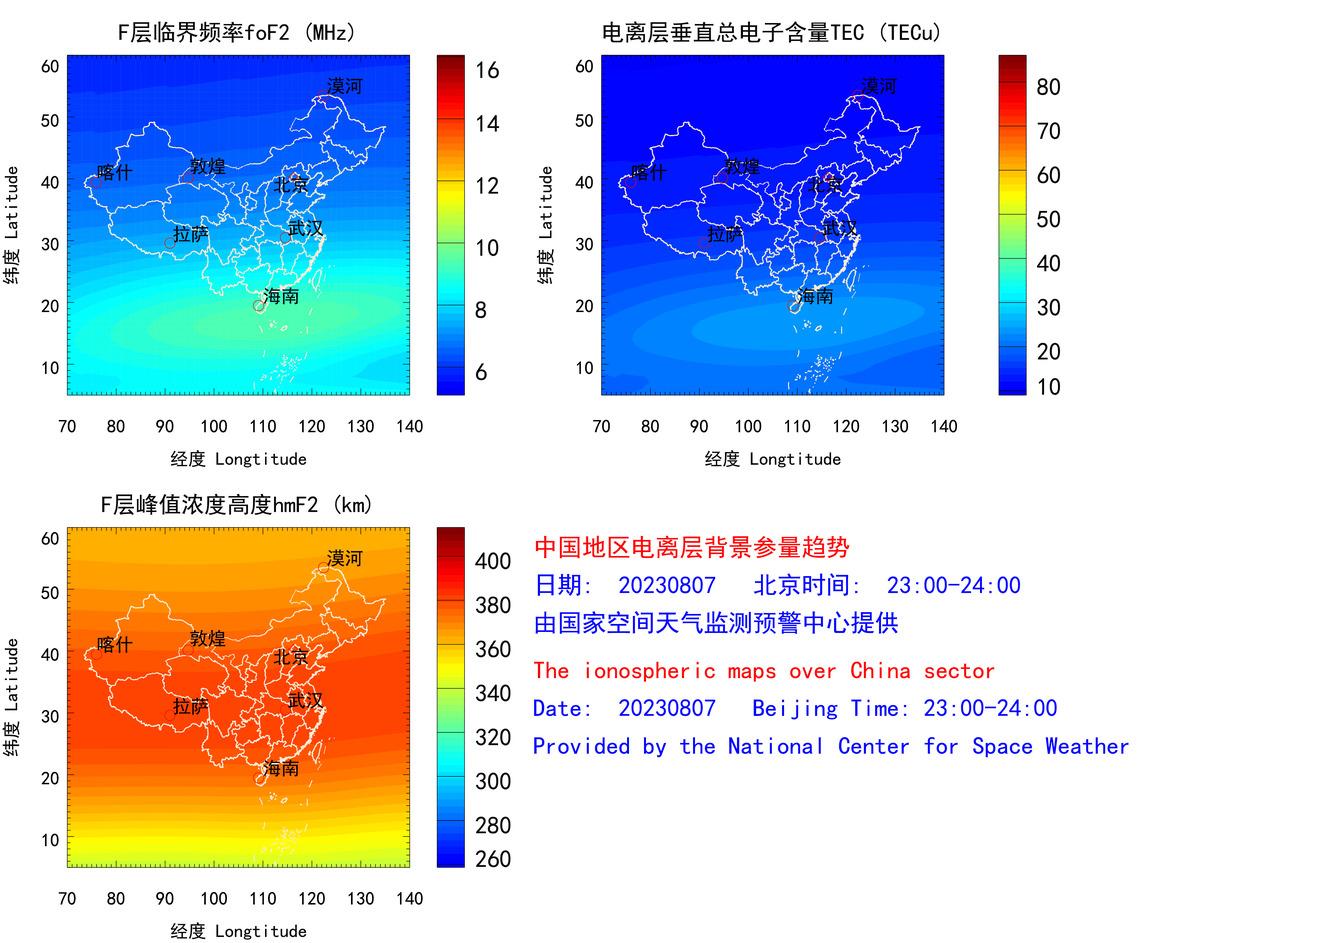 中国地区电离层背景趋势图